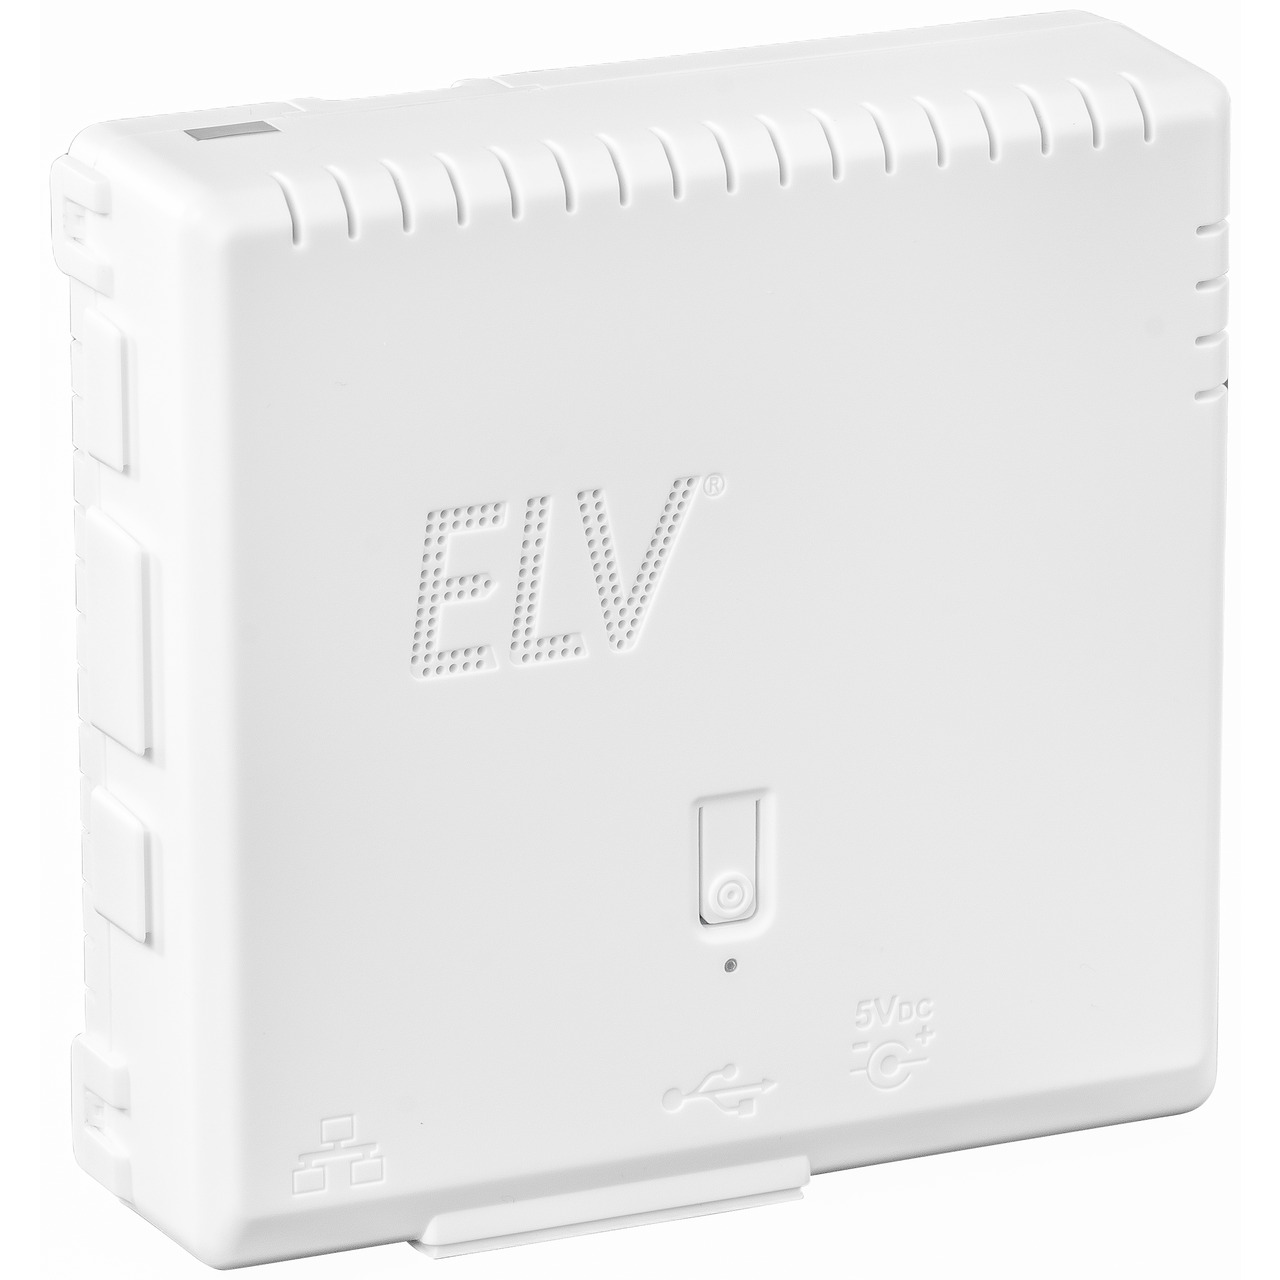 ELV Komplettbausatz Gehäuse RP-Case für Raspberry Pi und RPI-RF-MOD Funk-Modulplatine- weiss